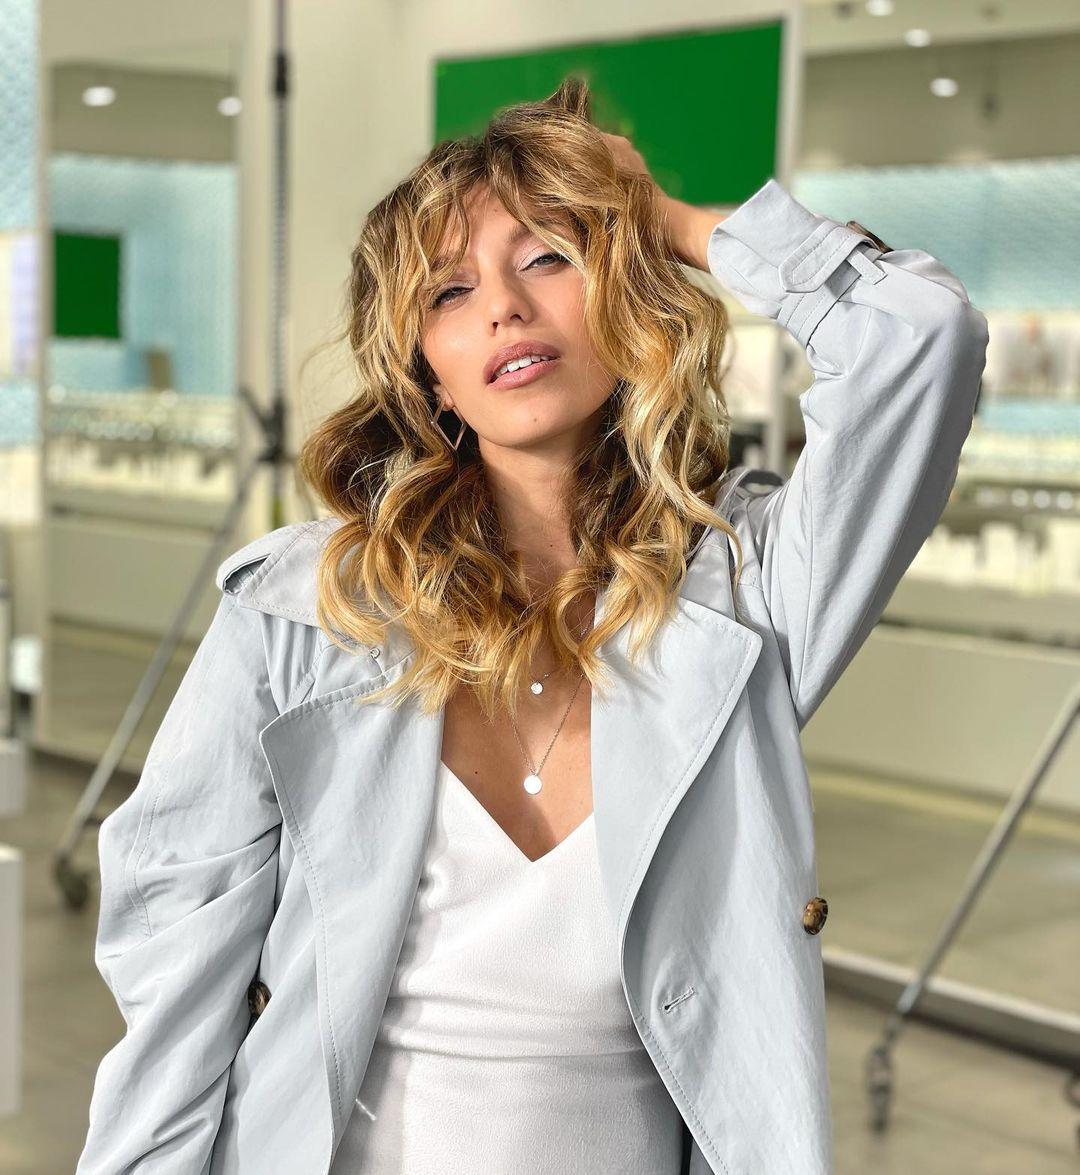 Регина Тодоренко перекрасила волосы и получила порцию критики от мужа